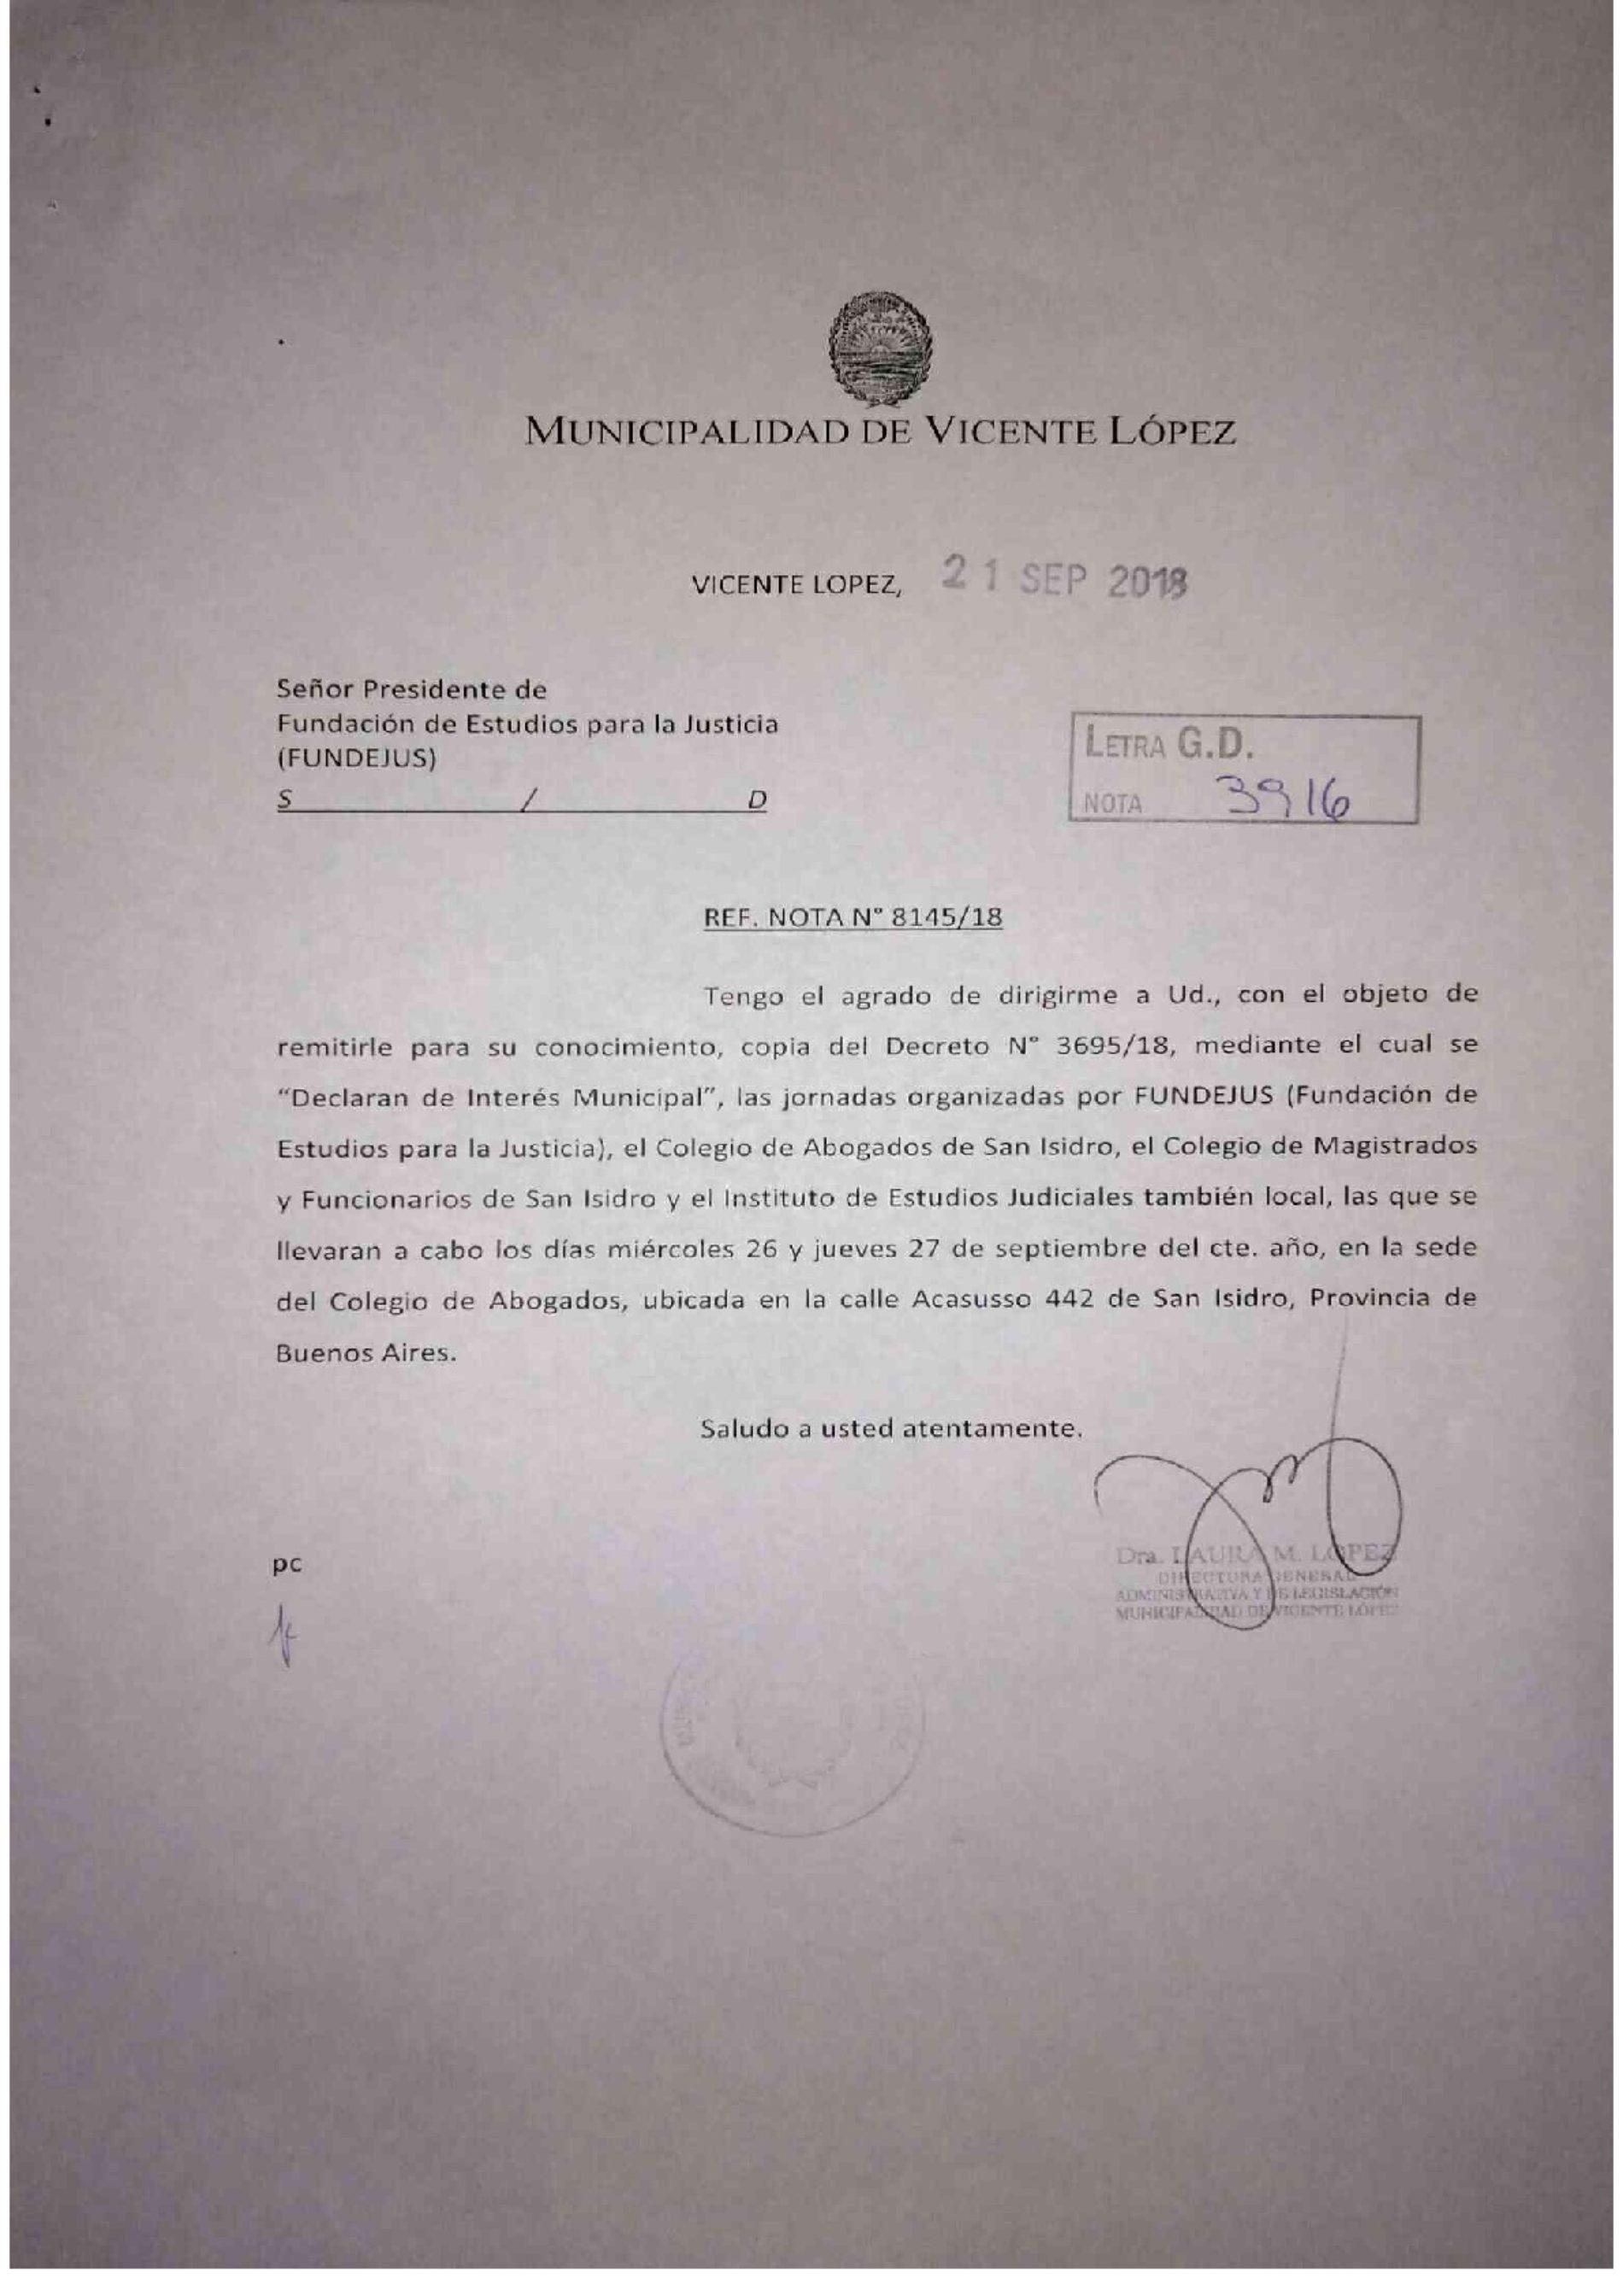 20° aniversario del C.P.P. Bs.As: declaración de interés de la Municipalidad de Vicente López.